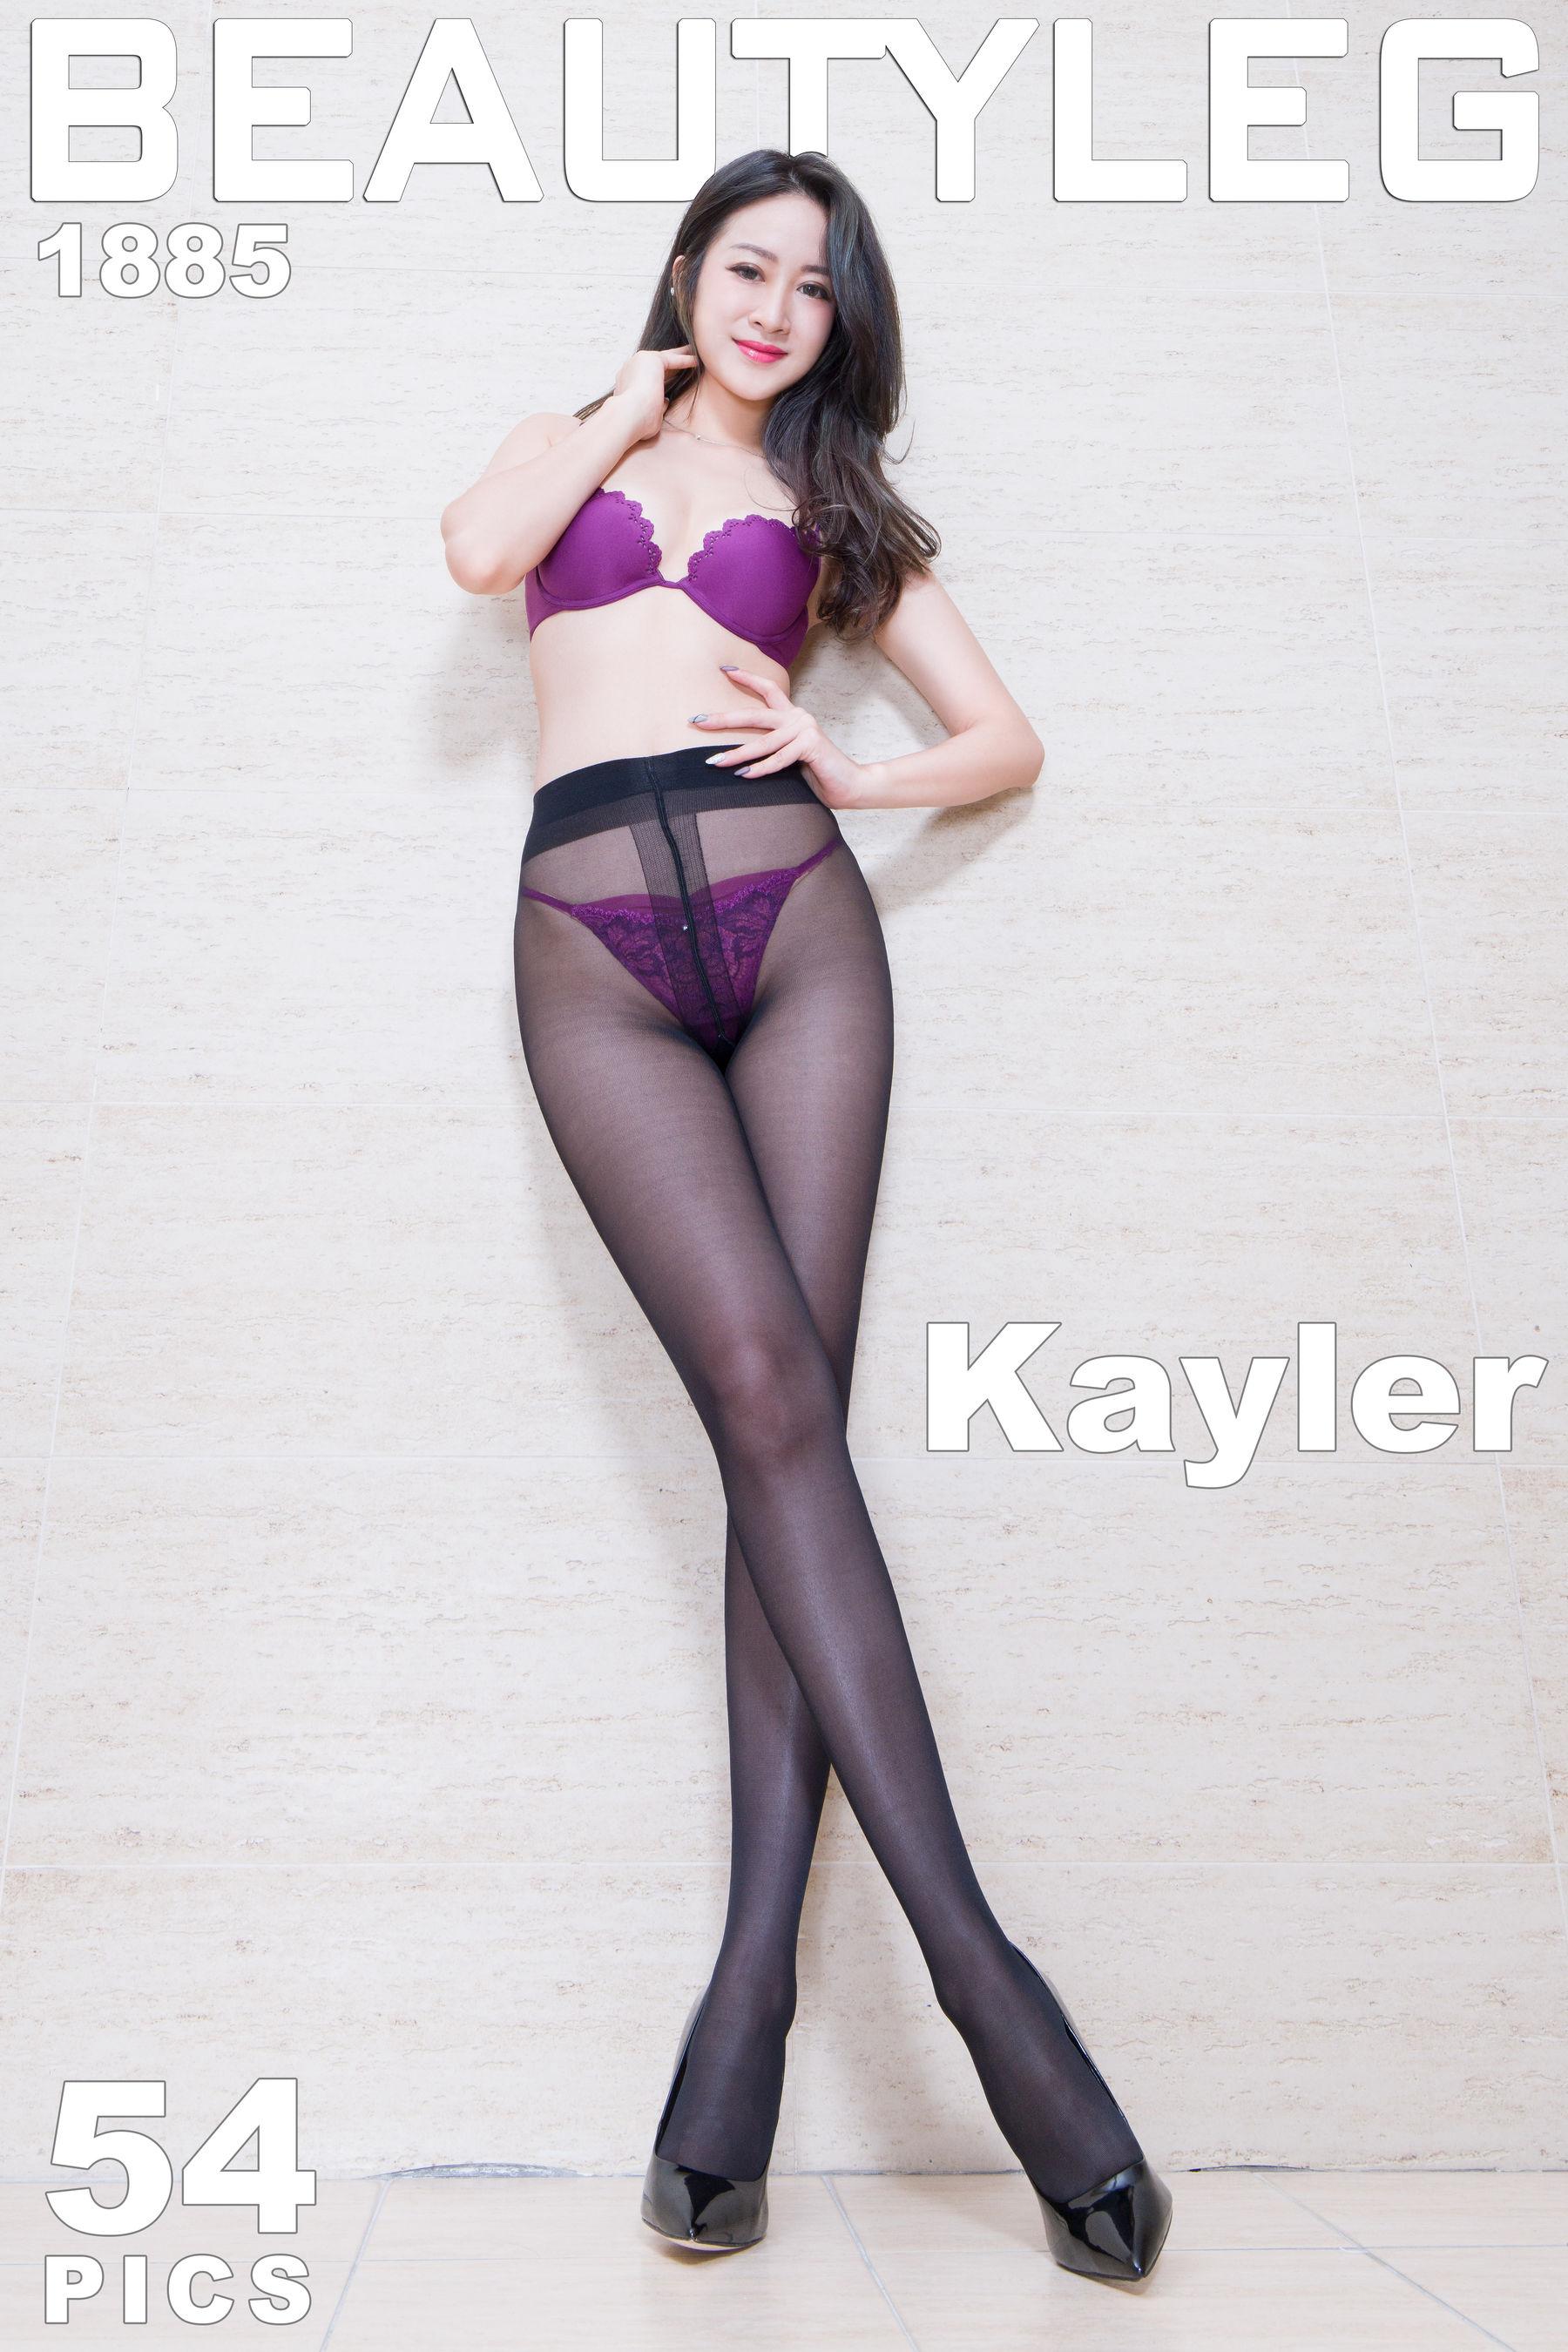 VOL.1052 [Beautyleg]丝袜美腿黑丝:康凯乐(腿模Kaylar)超高清个人性感漂亮大图(47P)